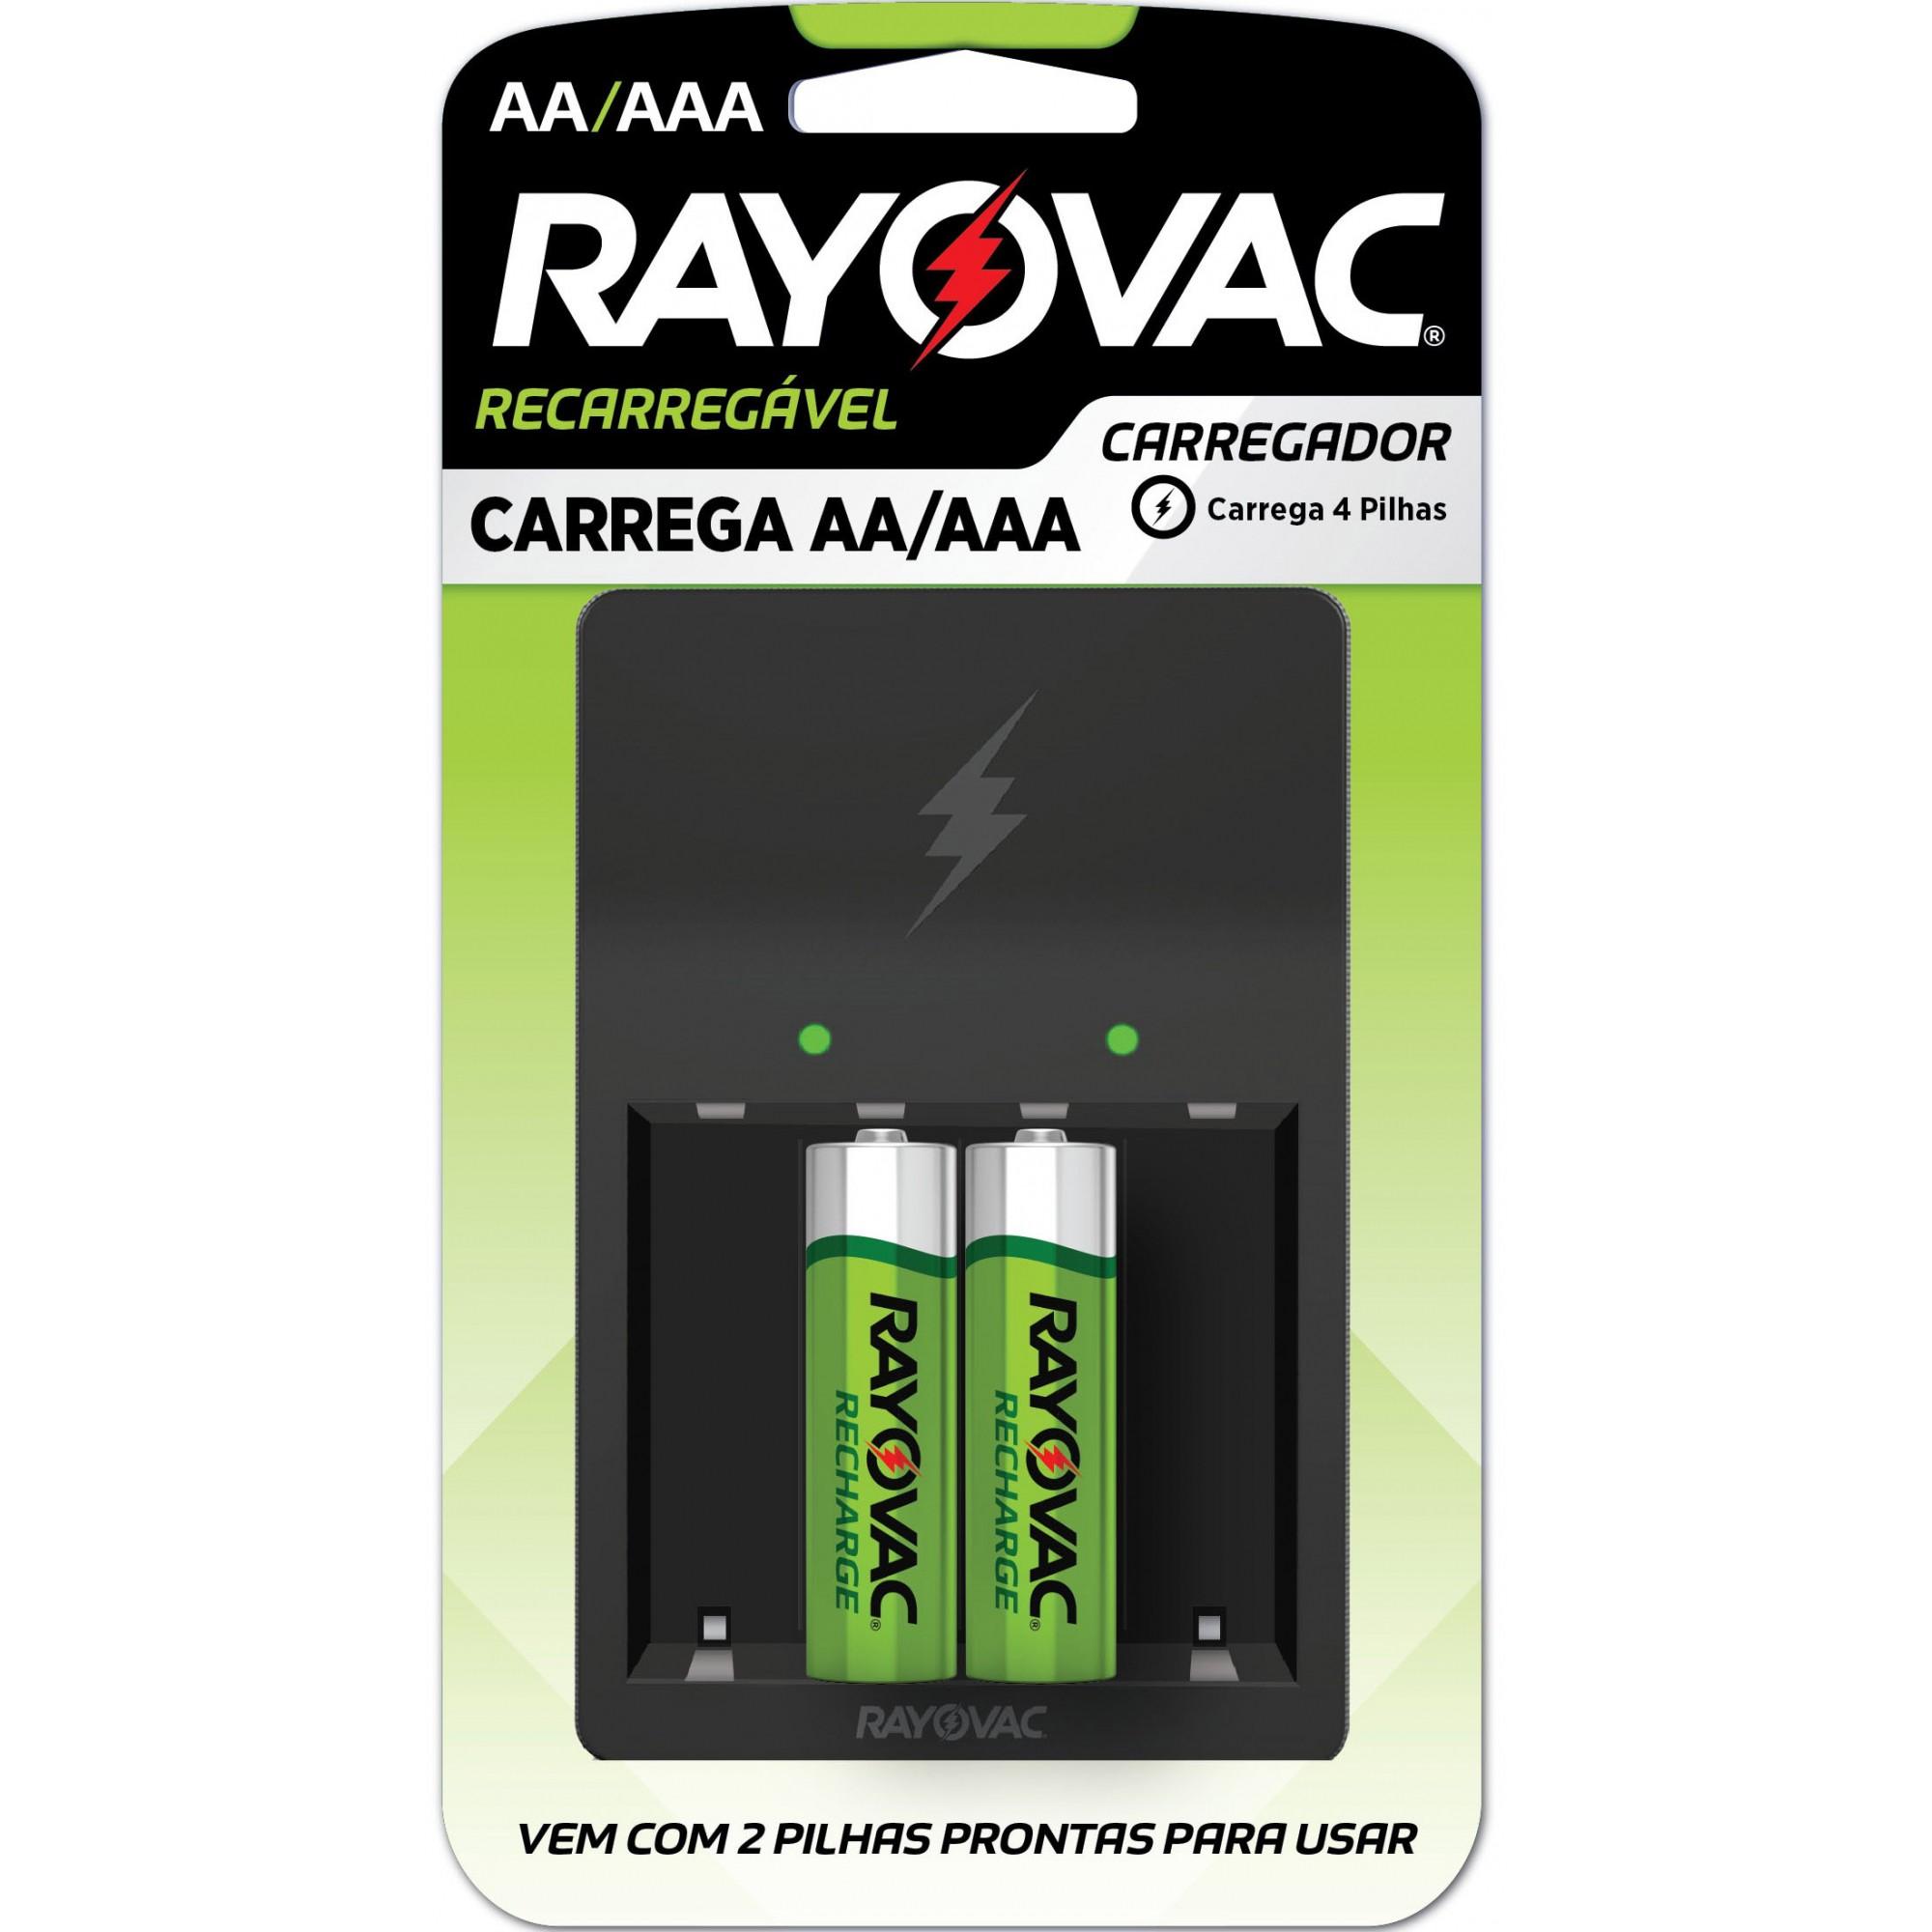 02 Pilhas AA Recarregável 1350mAh + Carregador RAYOVAC 01 cartela